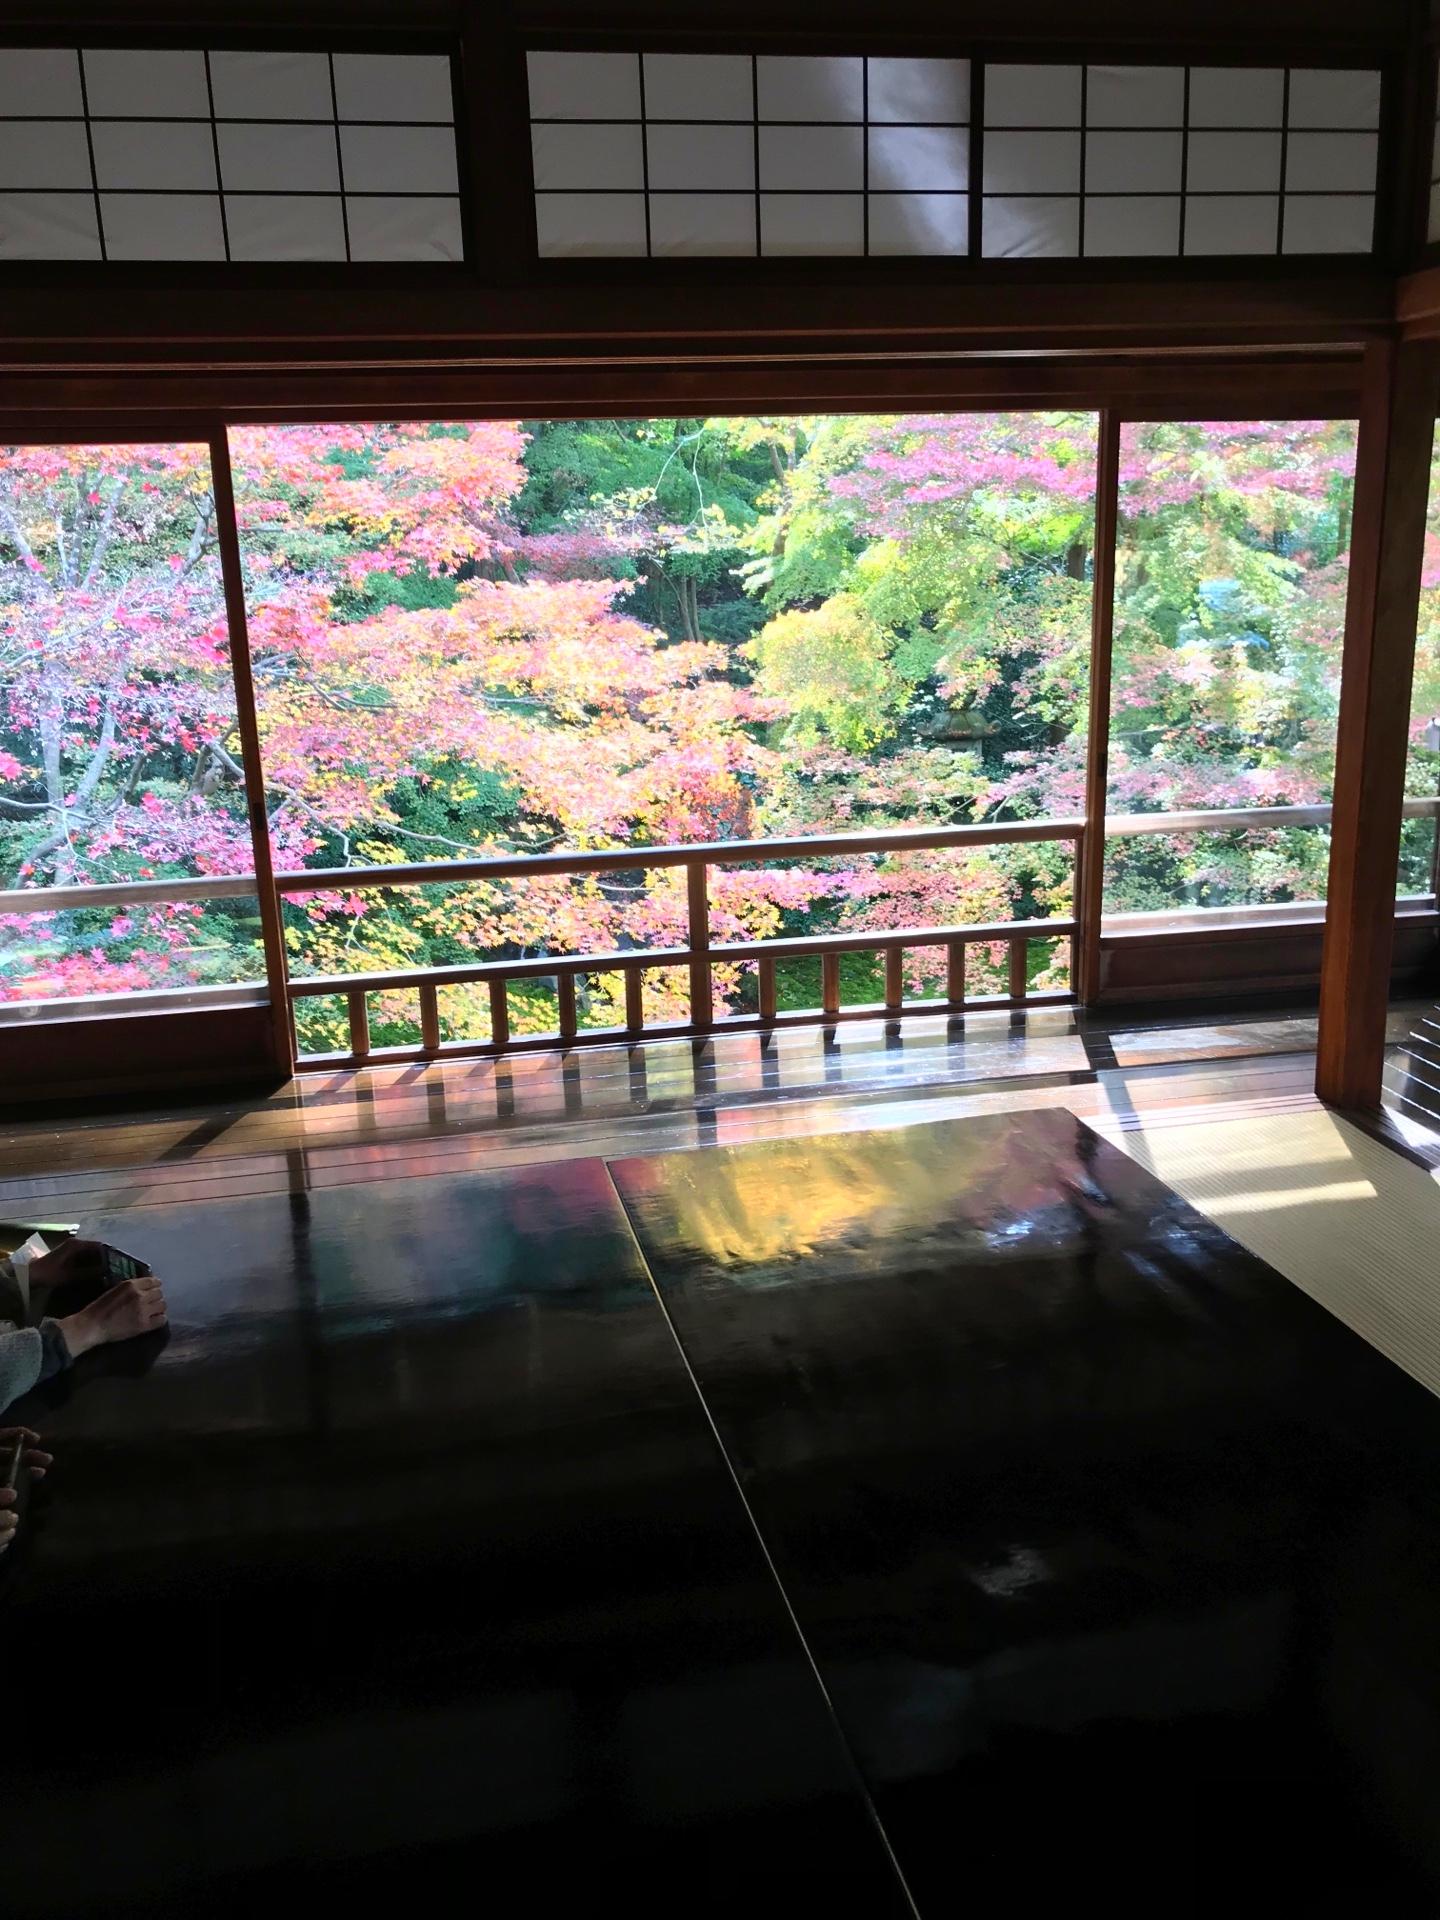 2階からの眺めと机に映るモミジ